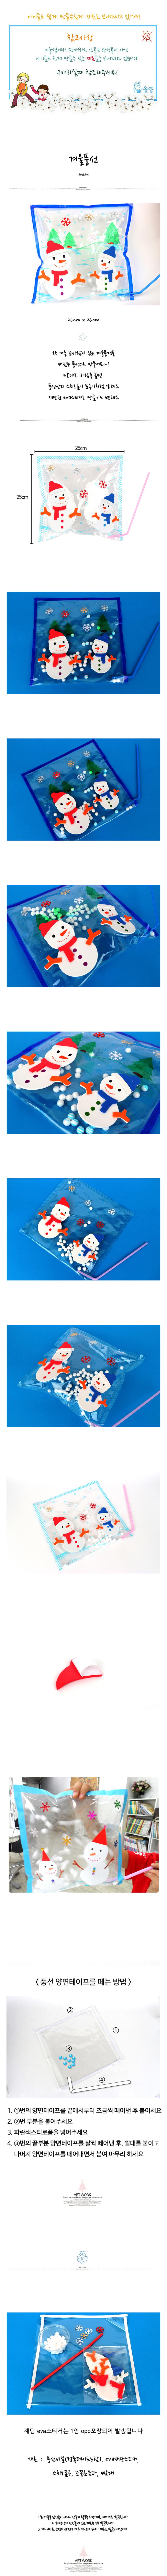 NEW 겨울풍선 5인용 - 미술샘, 7,500원, 종이공예/북아트, 종이공예 패키지